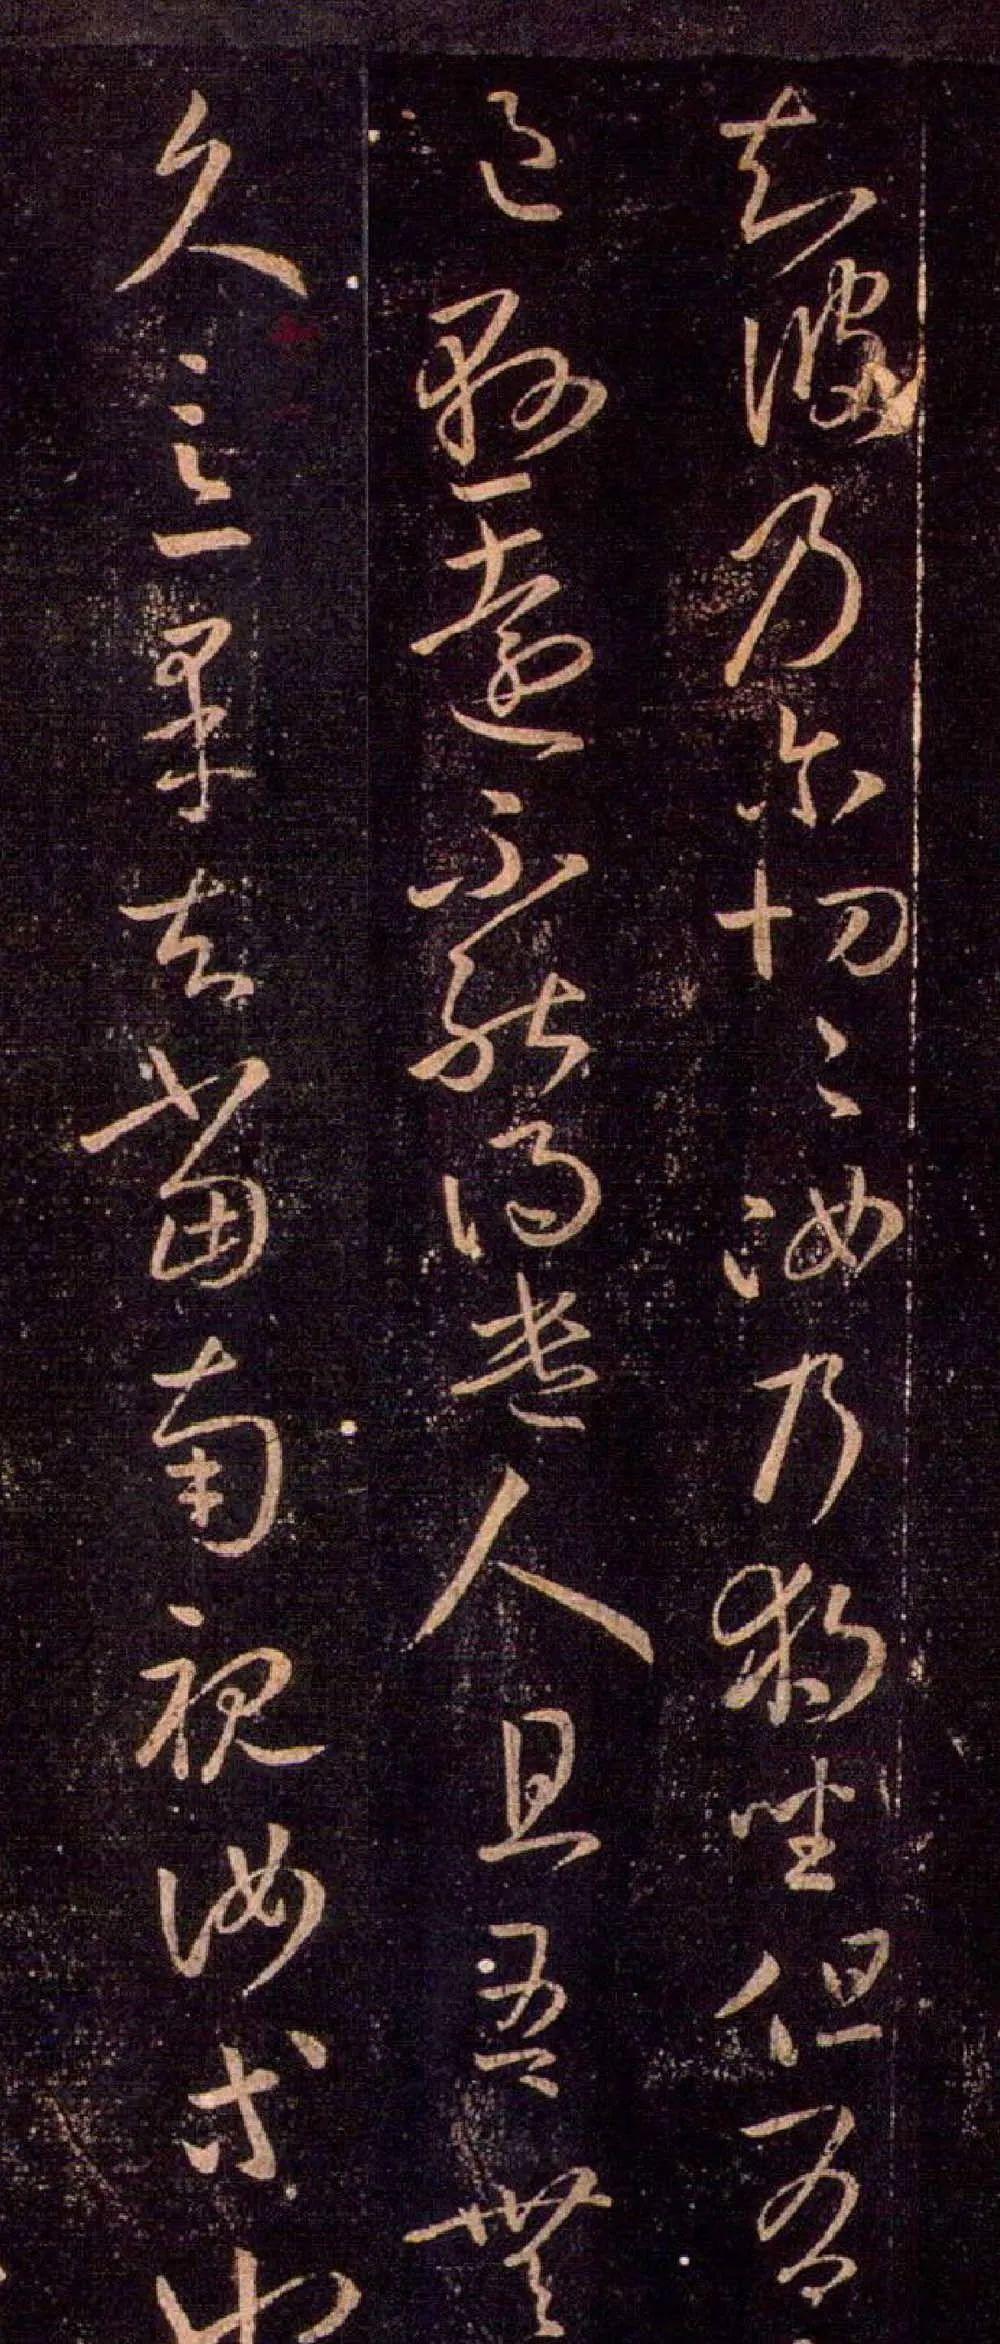 王羲之草书《独坐帖》五种!那种最好?你喜欢哪一种?